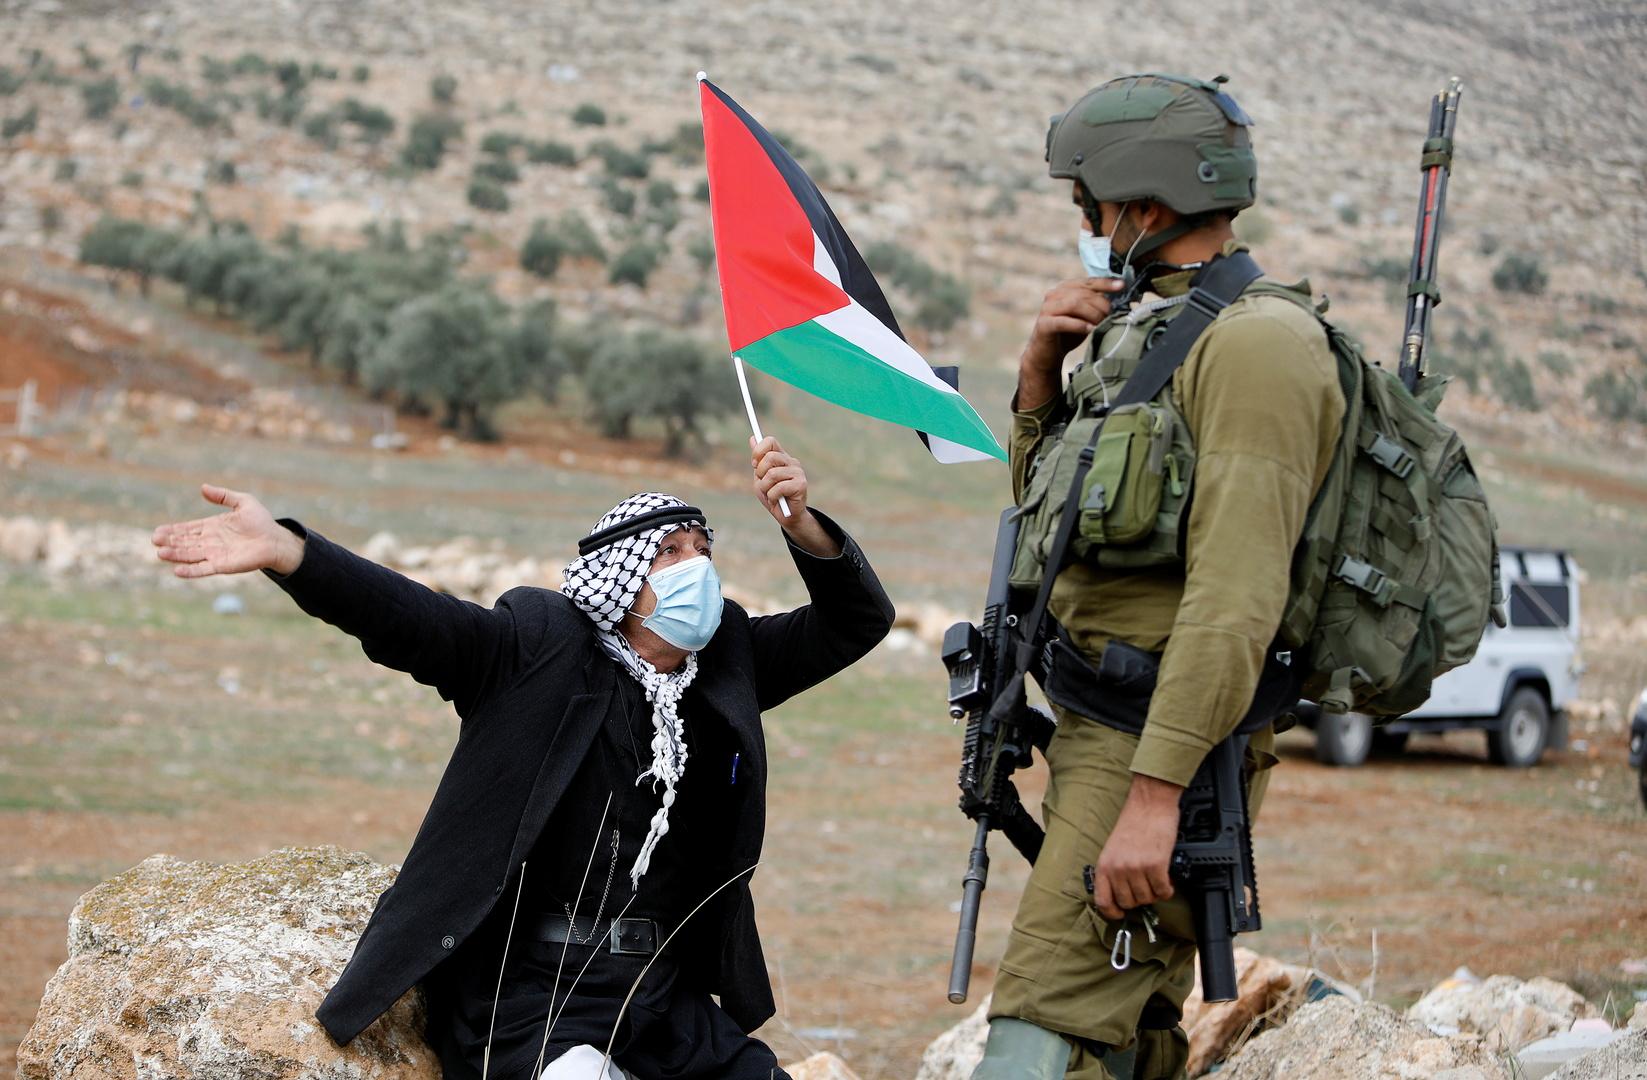 المالكي: نرحب بتأييد وزراء خارجية دول منظمة التعاون الإسلامي المطلق لحقوق الشعب الفلسطيني